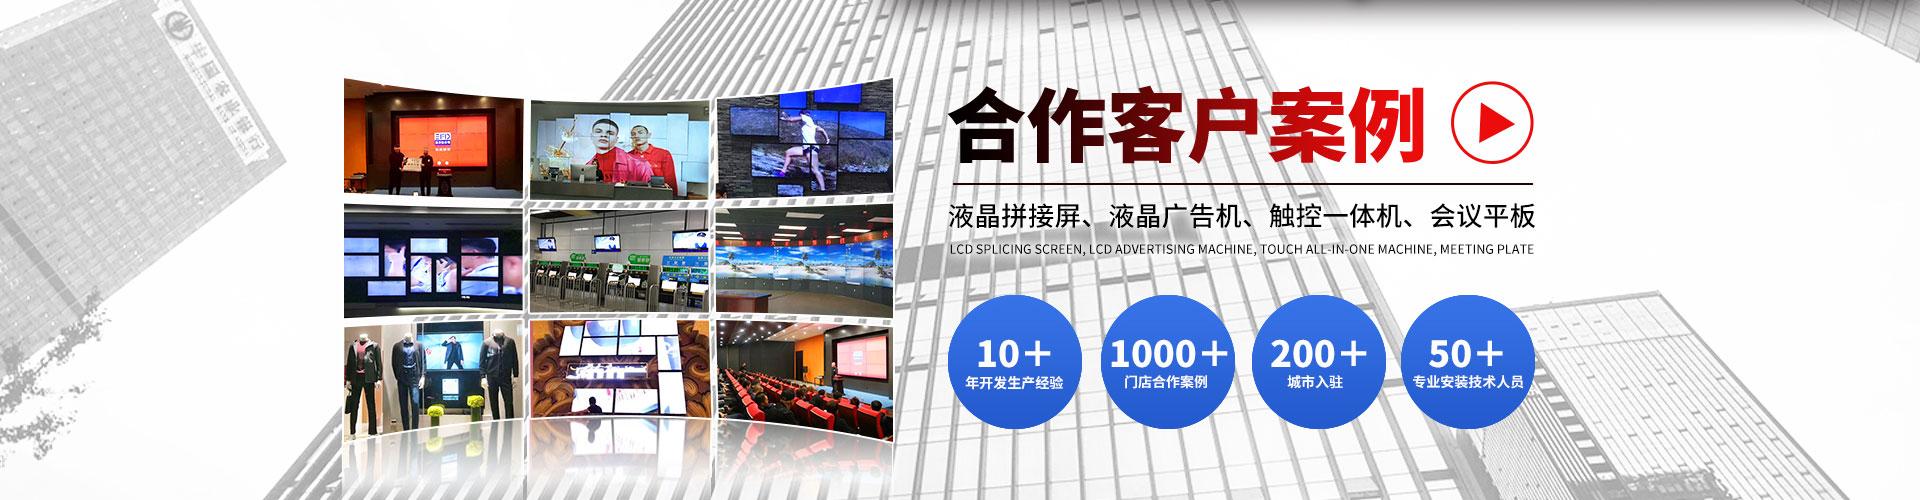 深圳市本派科技有限公司|液晶拼接屏-网站